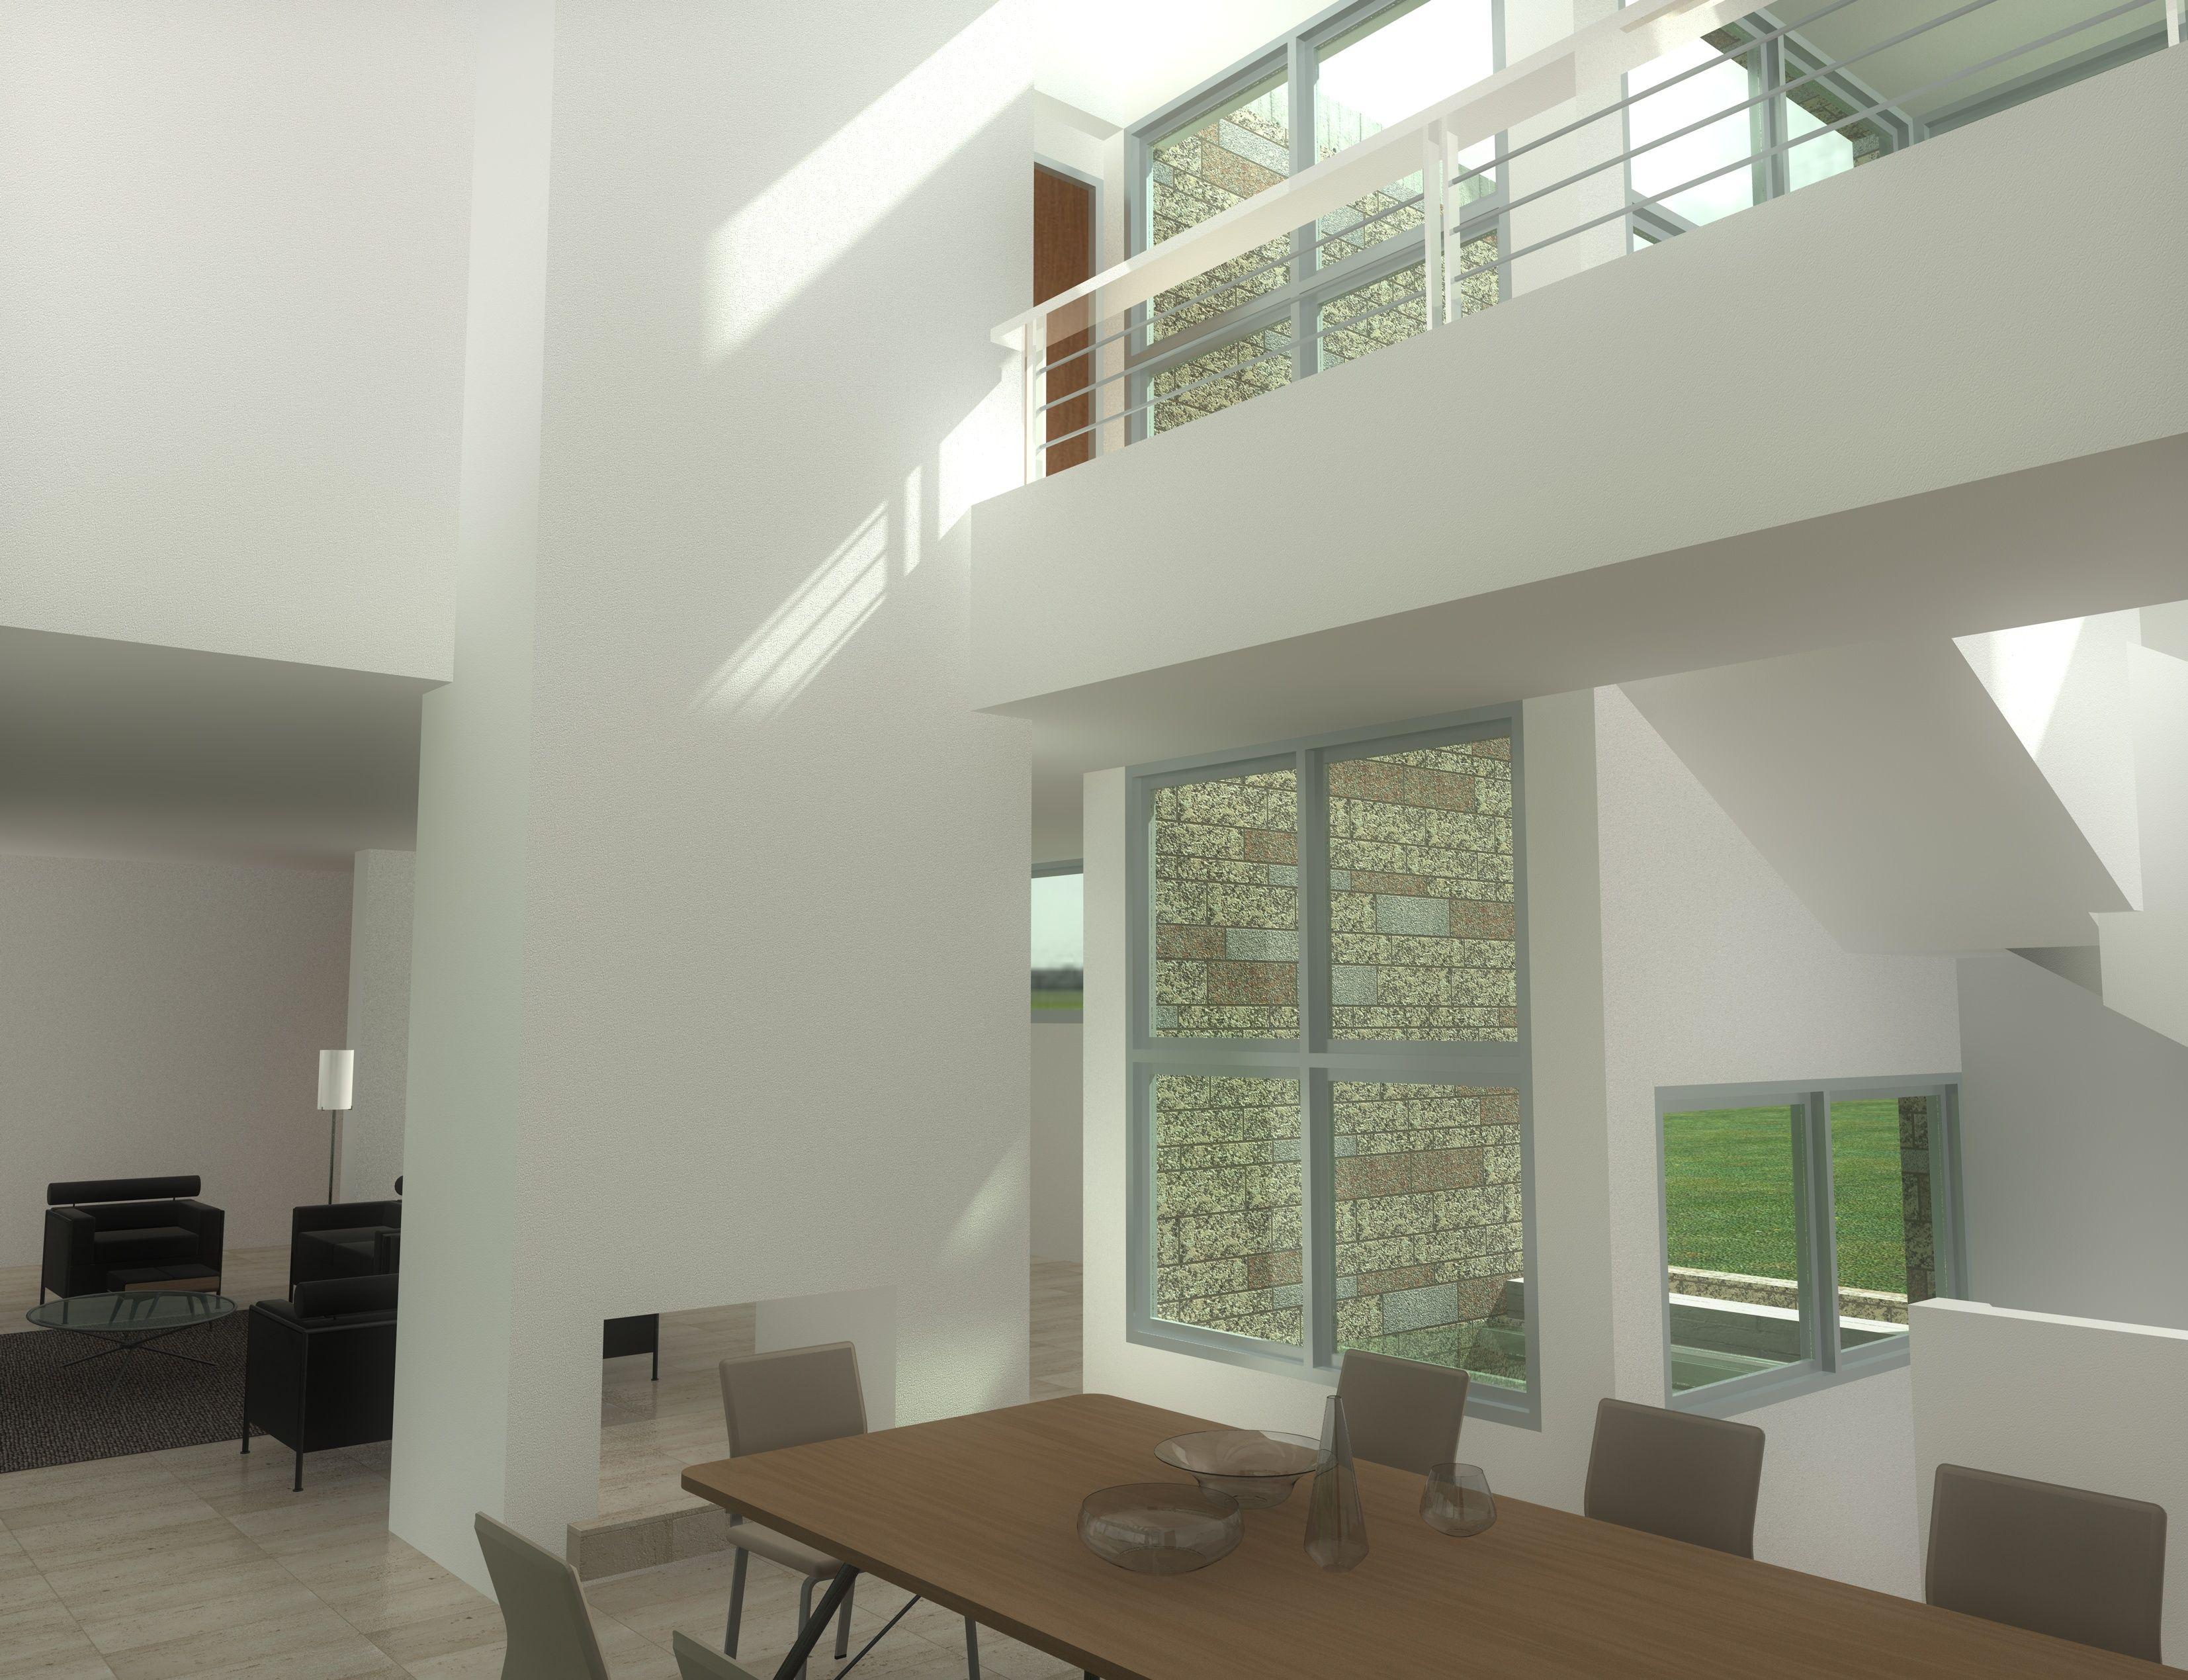 Los materiales utilizados en las superficies interiores se han elegido en función de su capacidad para contribuir al buen clima interior y la calidad del aire, así como por sus cualidades estéticas.